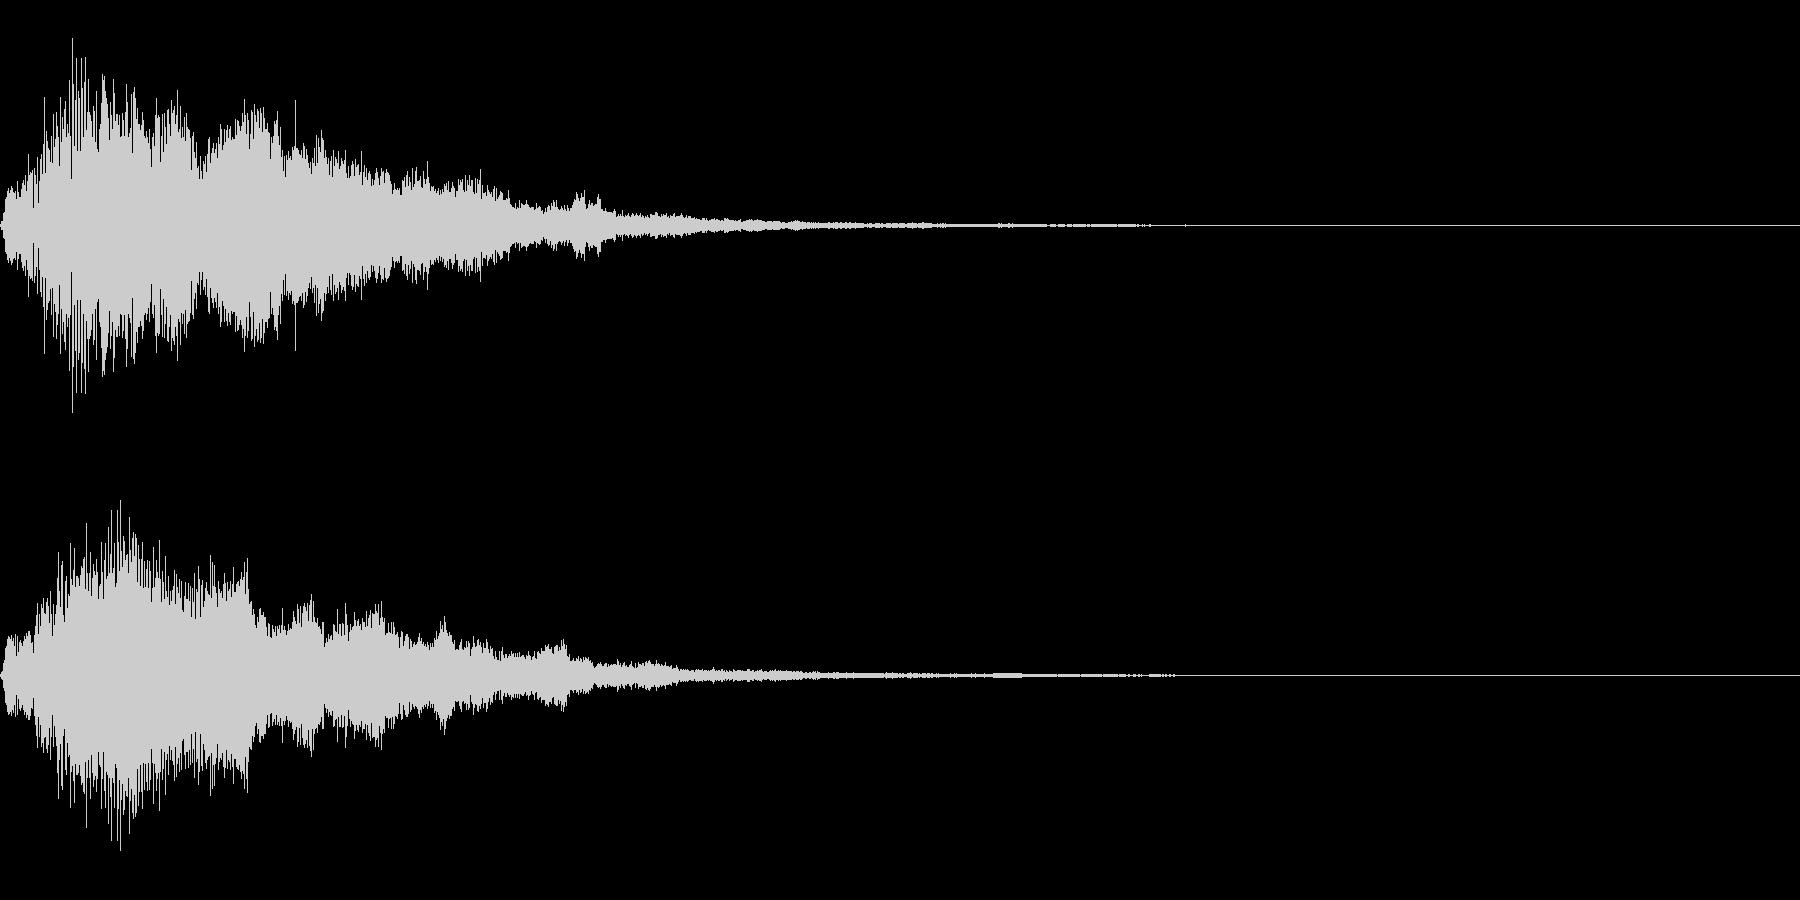 フワッキラキラとしたサウンドロゴの未再生の波形